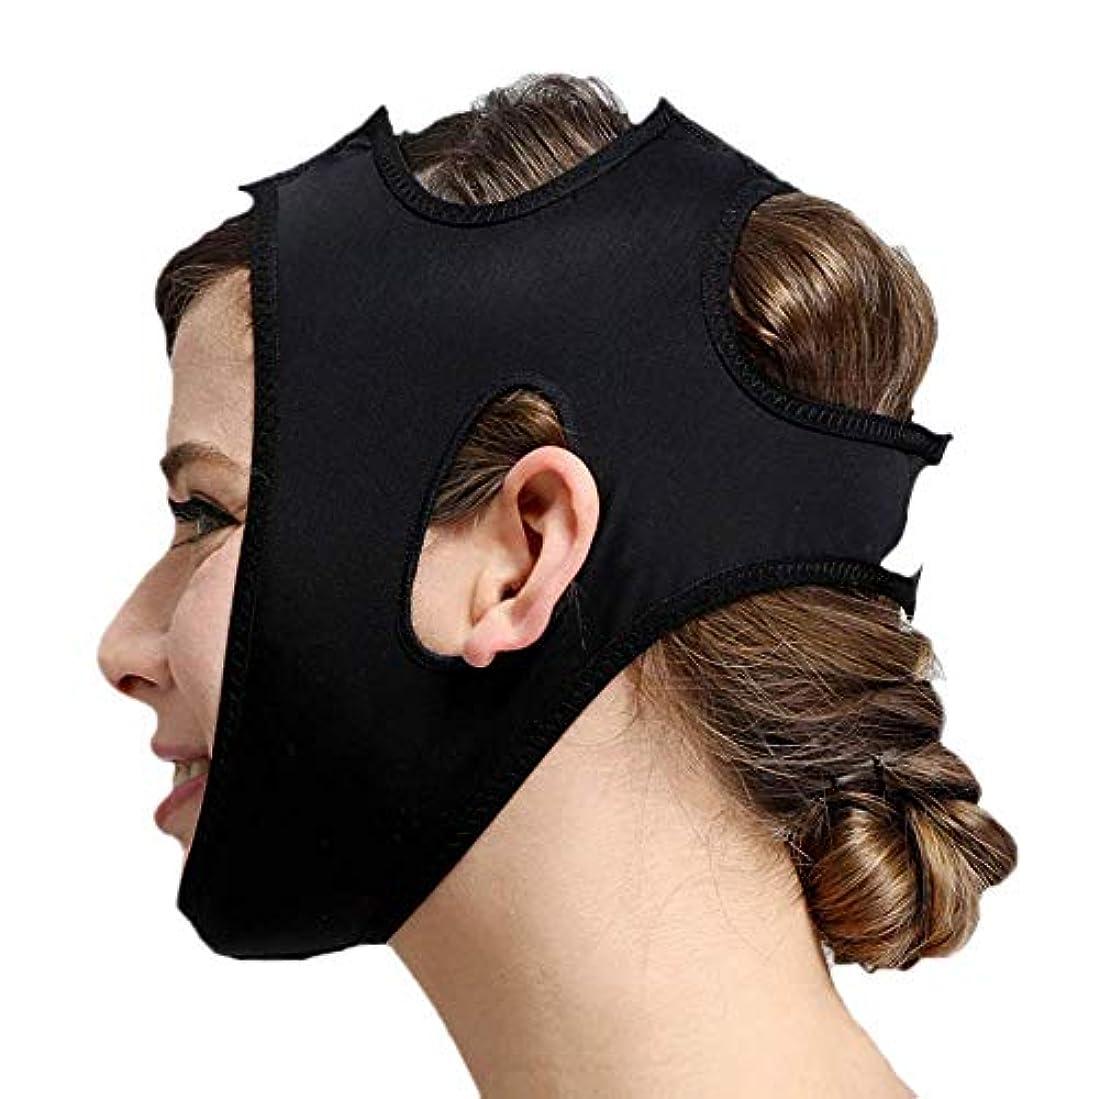 ドラム書道むしろフェイススリミングマスク、快適さと通気性、フェイシャルリフティング、輪郭の改善された硬さ、ファーミングとリフティングフェイス(カラー:ブラック、サイズ:XL),黒、L